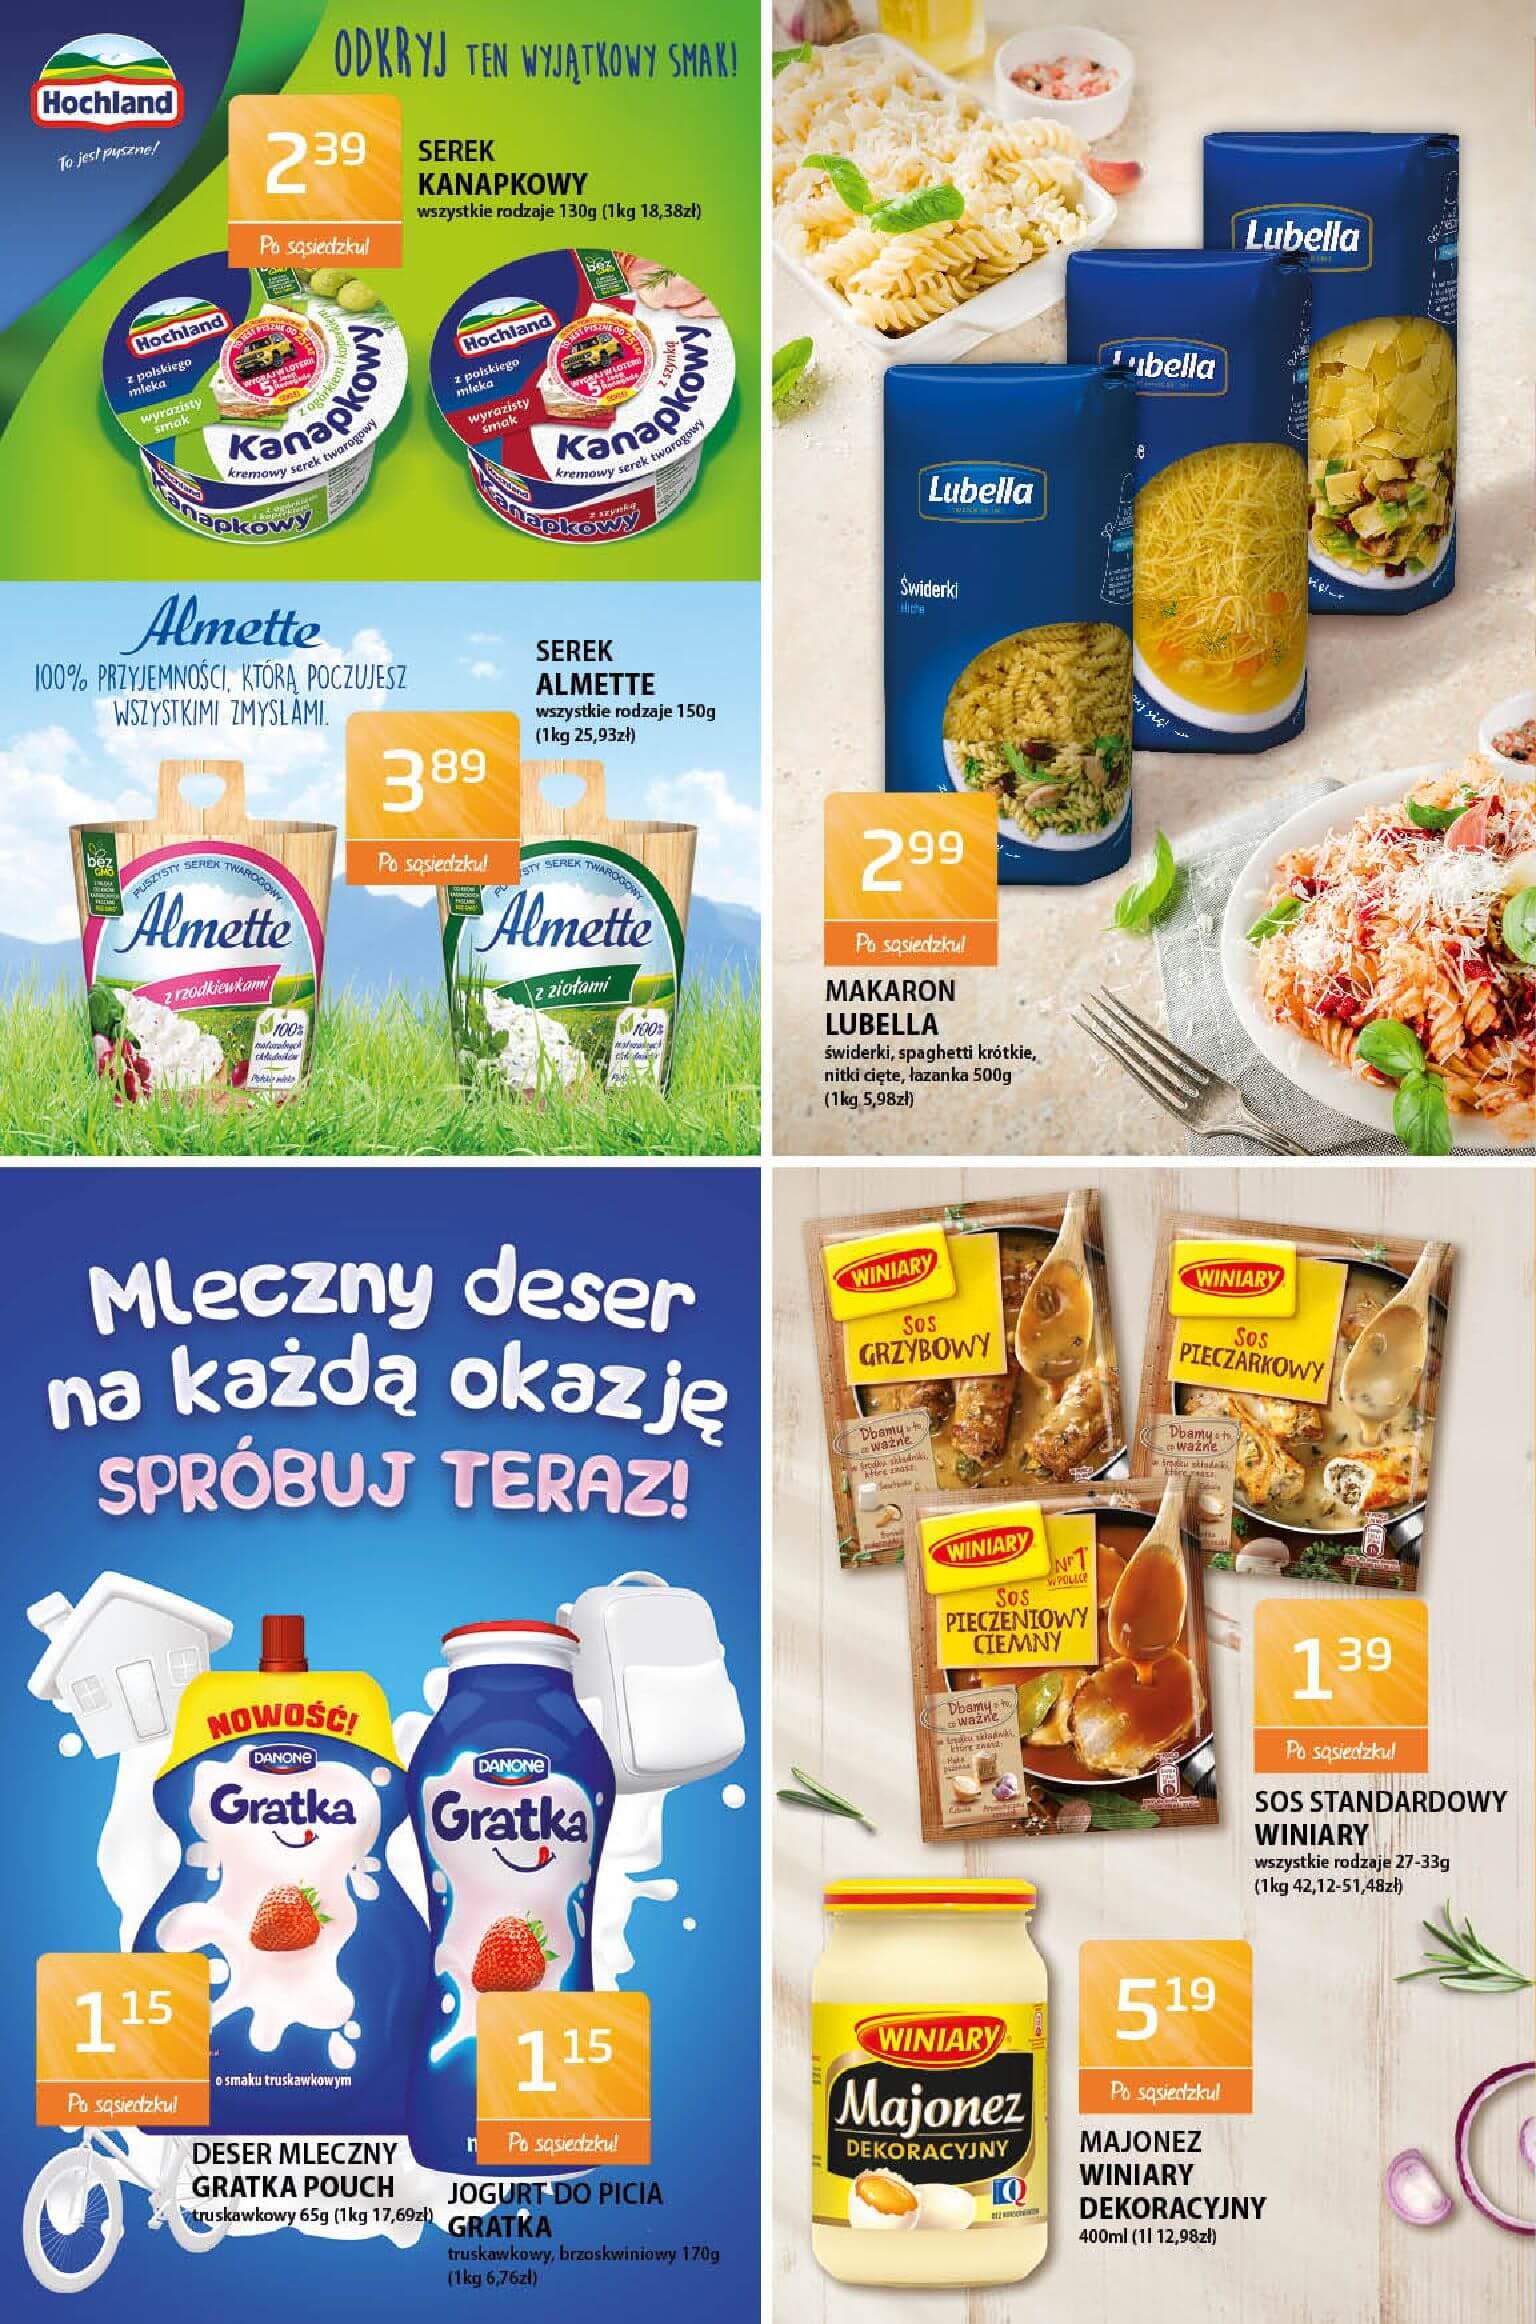 Gazetka abc - Oferta na artykuły spożywcze-13.03.2019-27.03.2019-page-